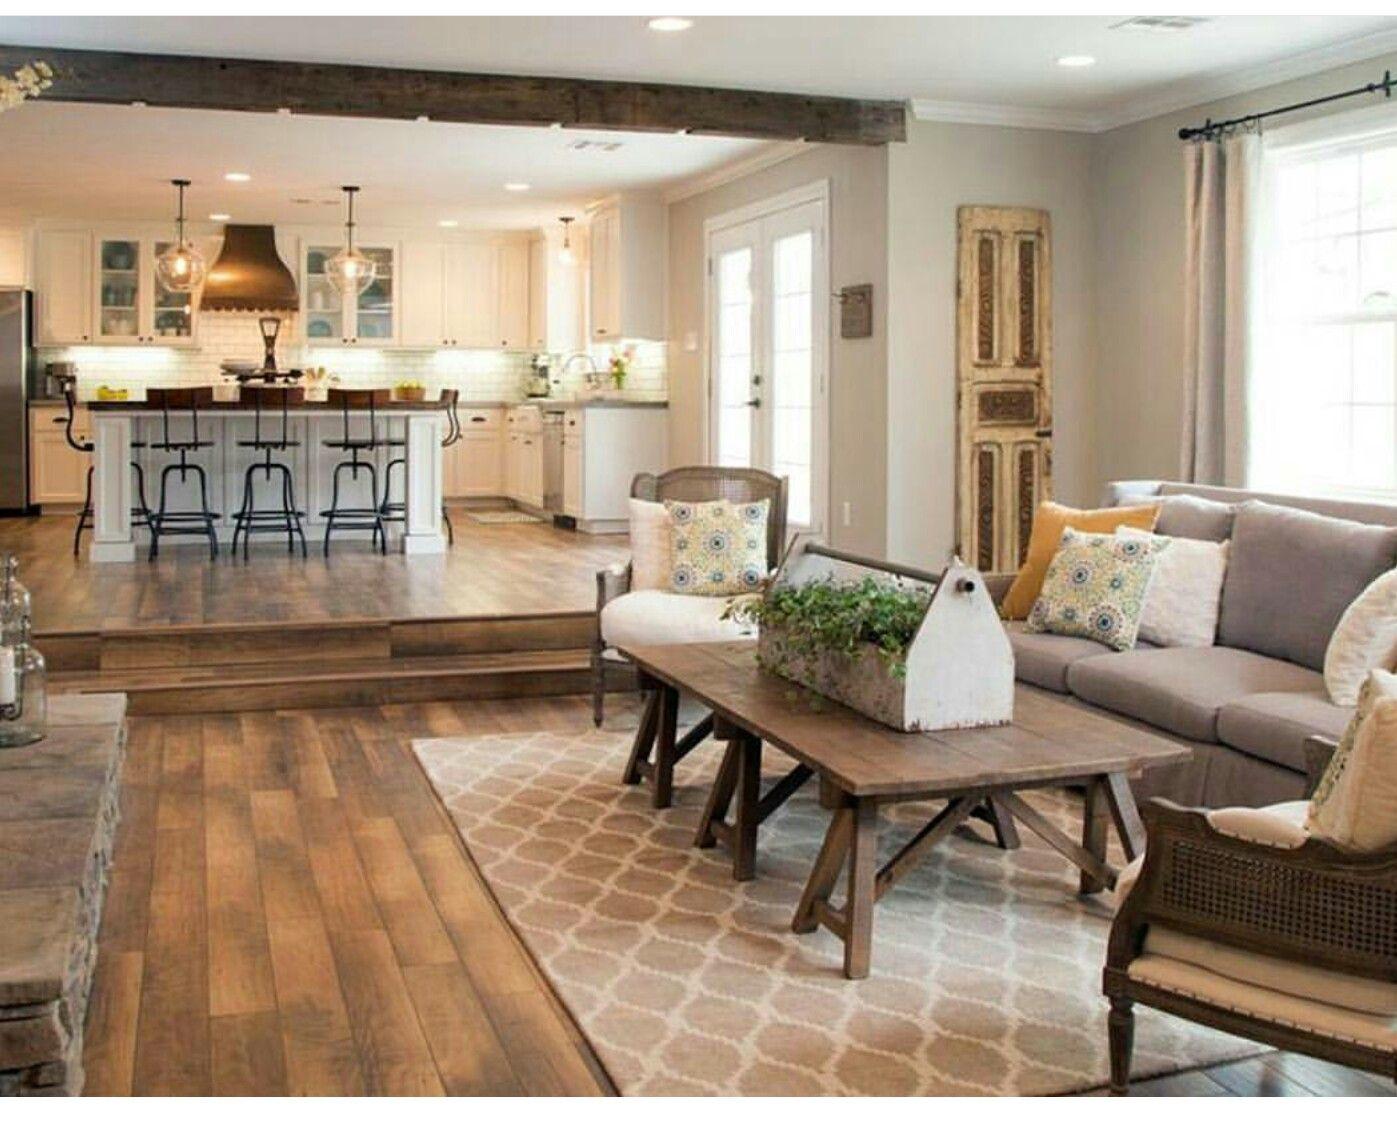 Sunken Room 2 3 Steps Fixer Upper Living Room Farm House Living Room Joanna Gaines Living Room